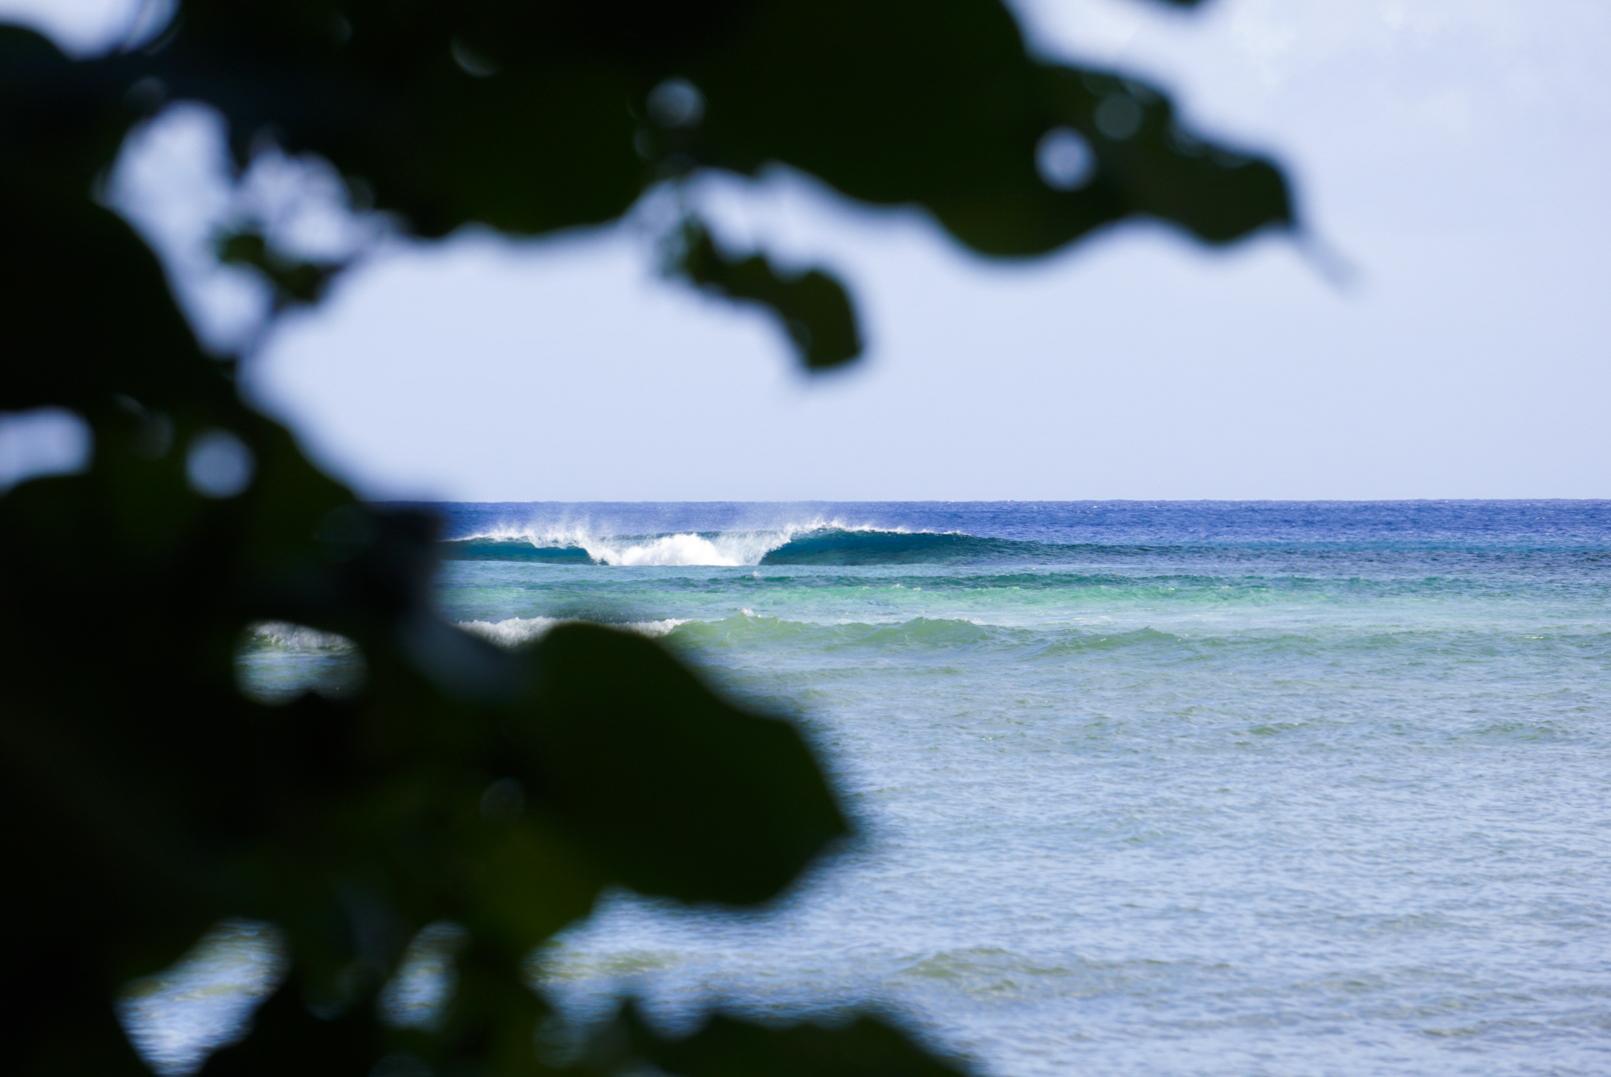 Another day. Fleeting fun on Futuna. Photo: Kew.